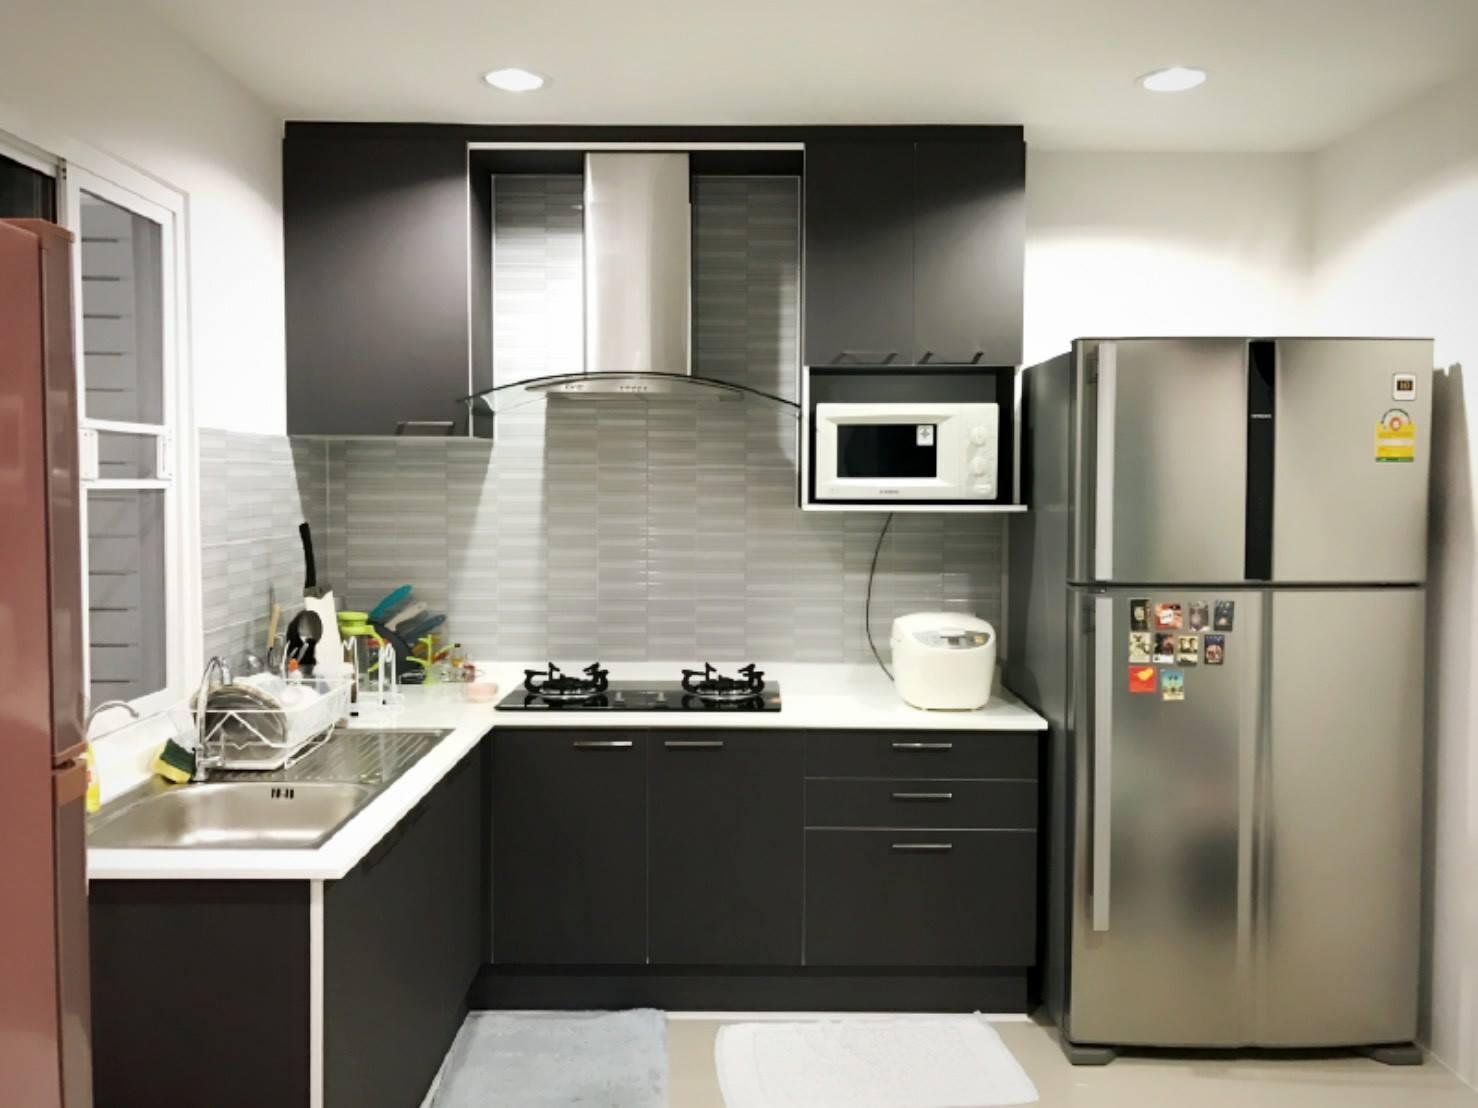 2 ตู้บน+ล่าง 1.2ตู้ล่าง